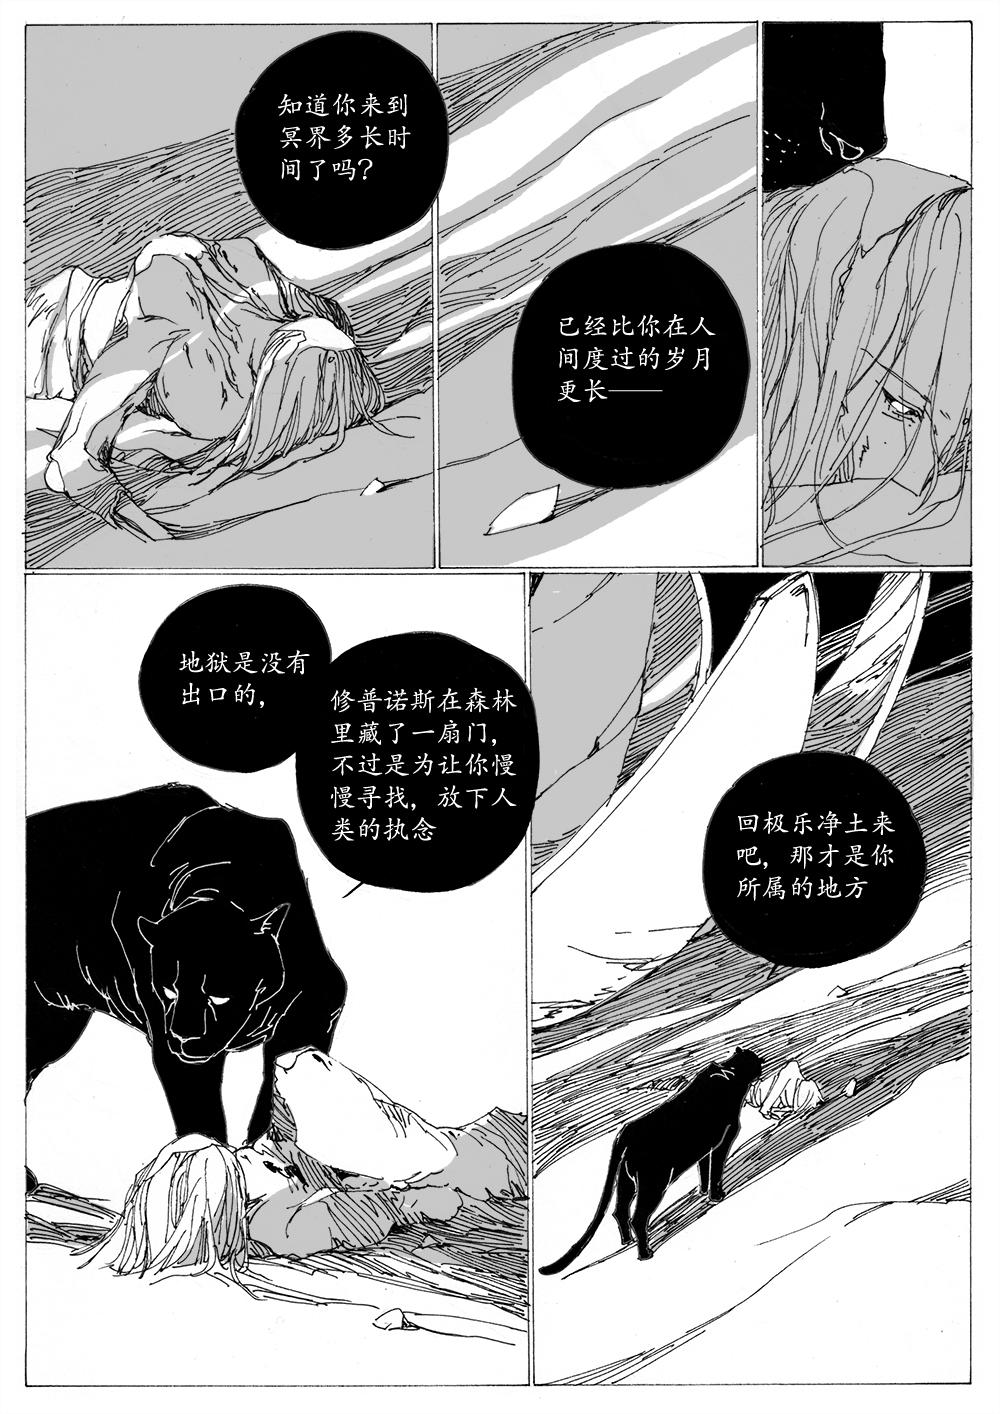 永生河34